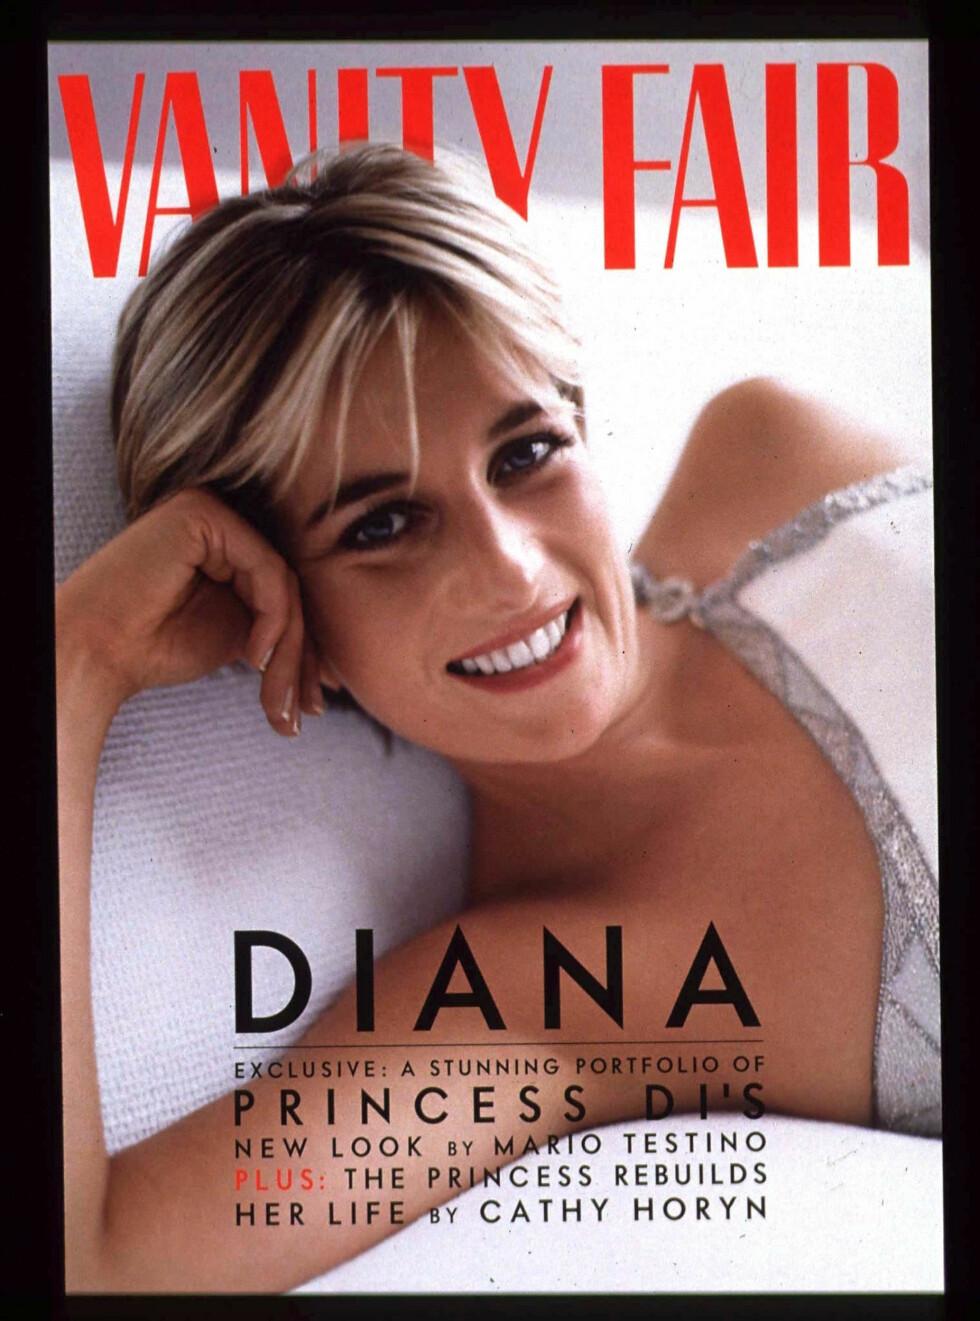 Prinsesse Diana på coveret av Vanity Fairs juliutgave i 1997. Foto: REUTERS